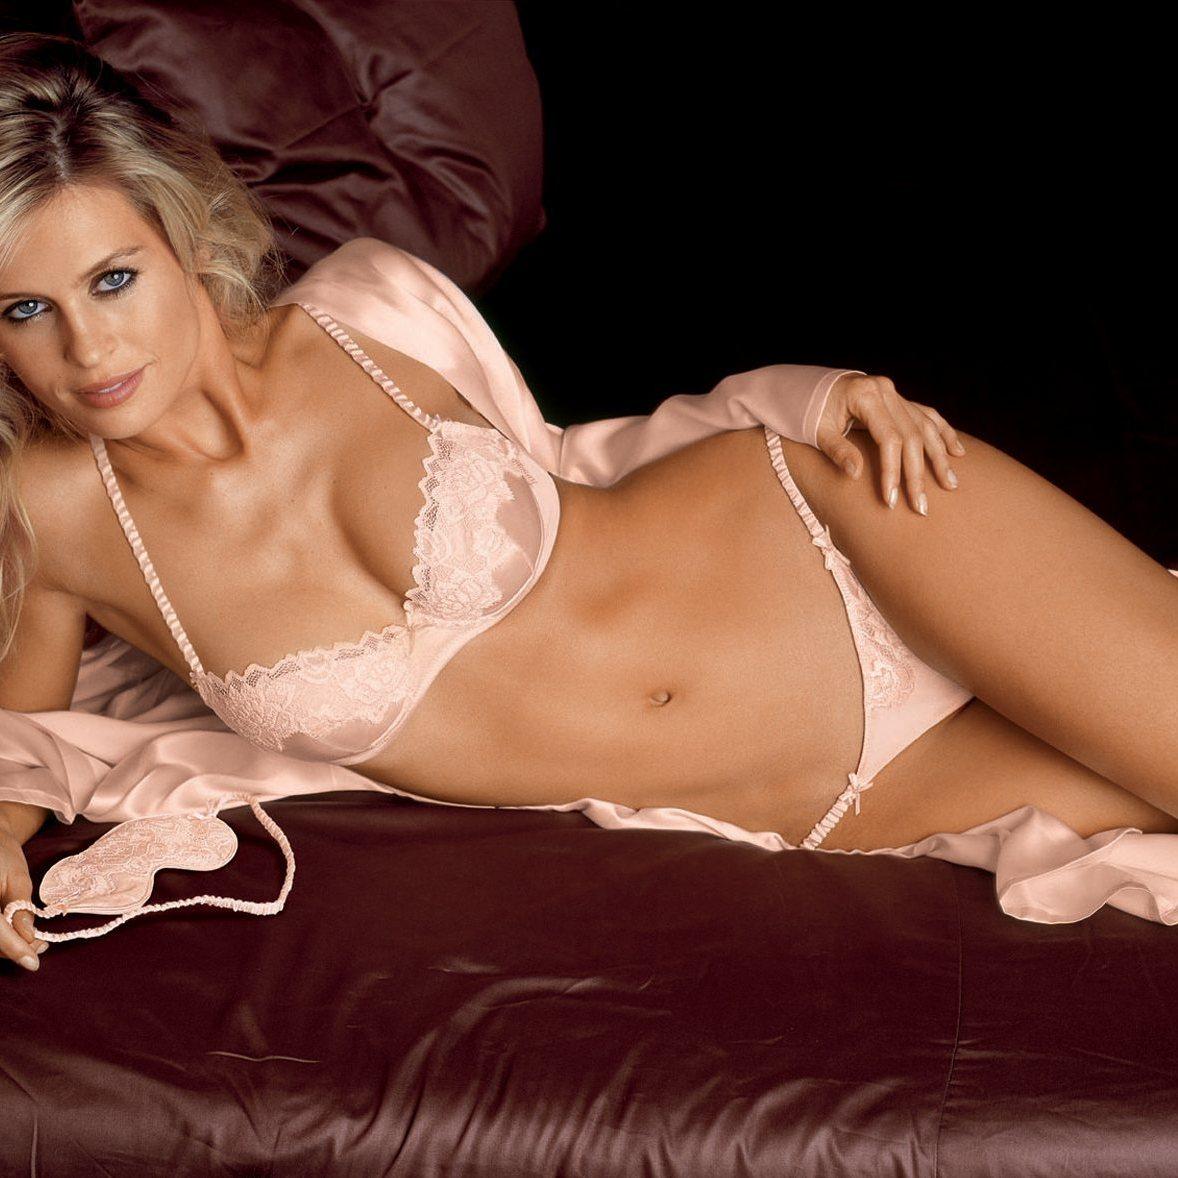 Fondos de Pantalla Eroticos 2 [Fotos+Descarga]